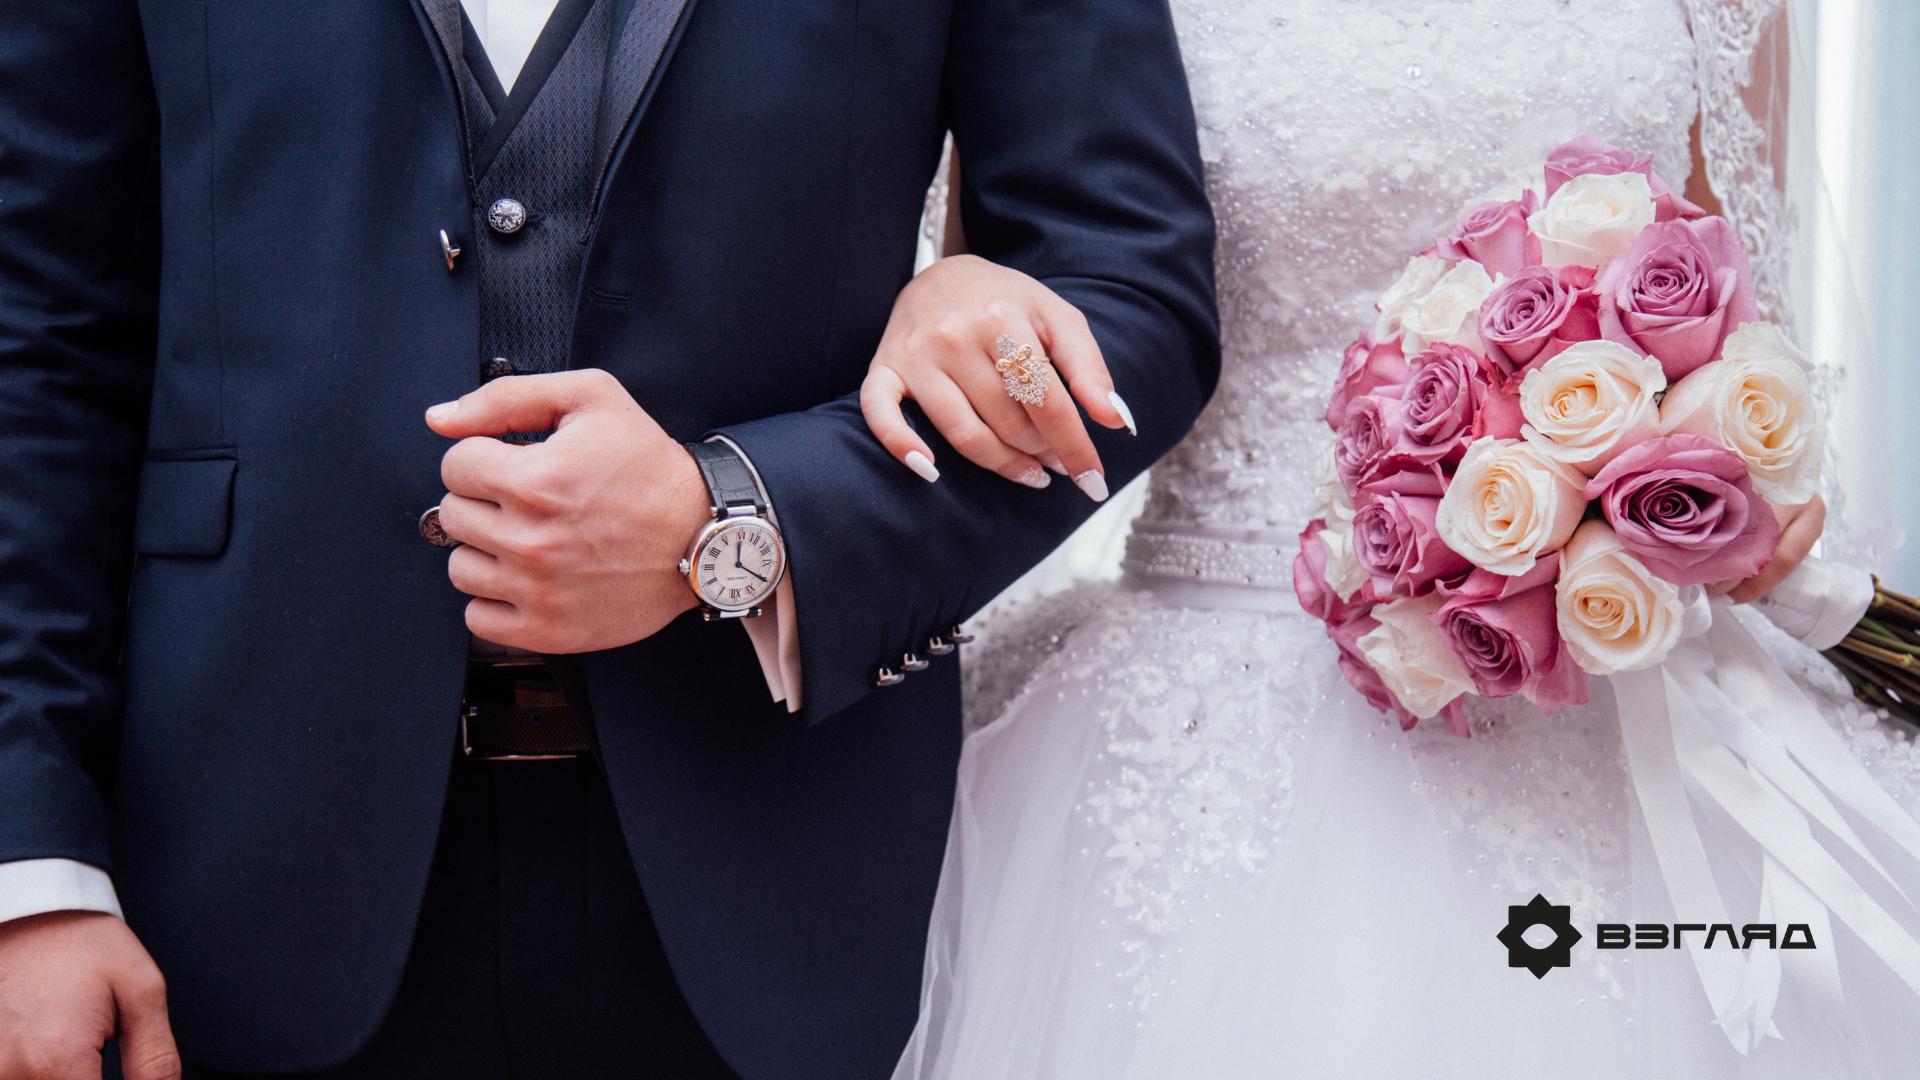 Свадебный переполох: во сколько обойдётся узбекистанцам сыграть свадьбу